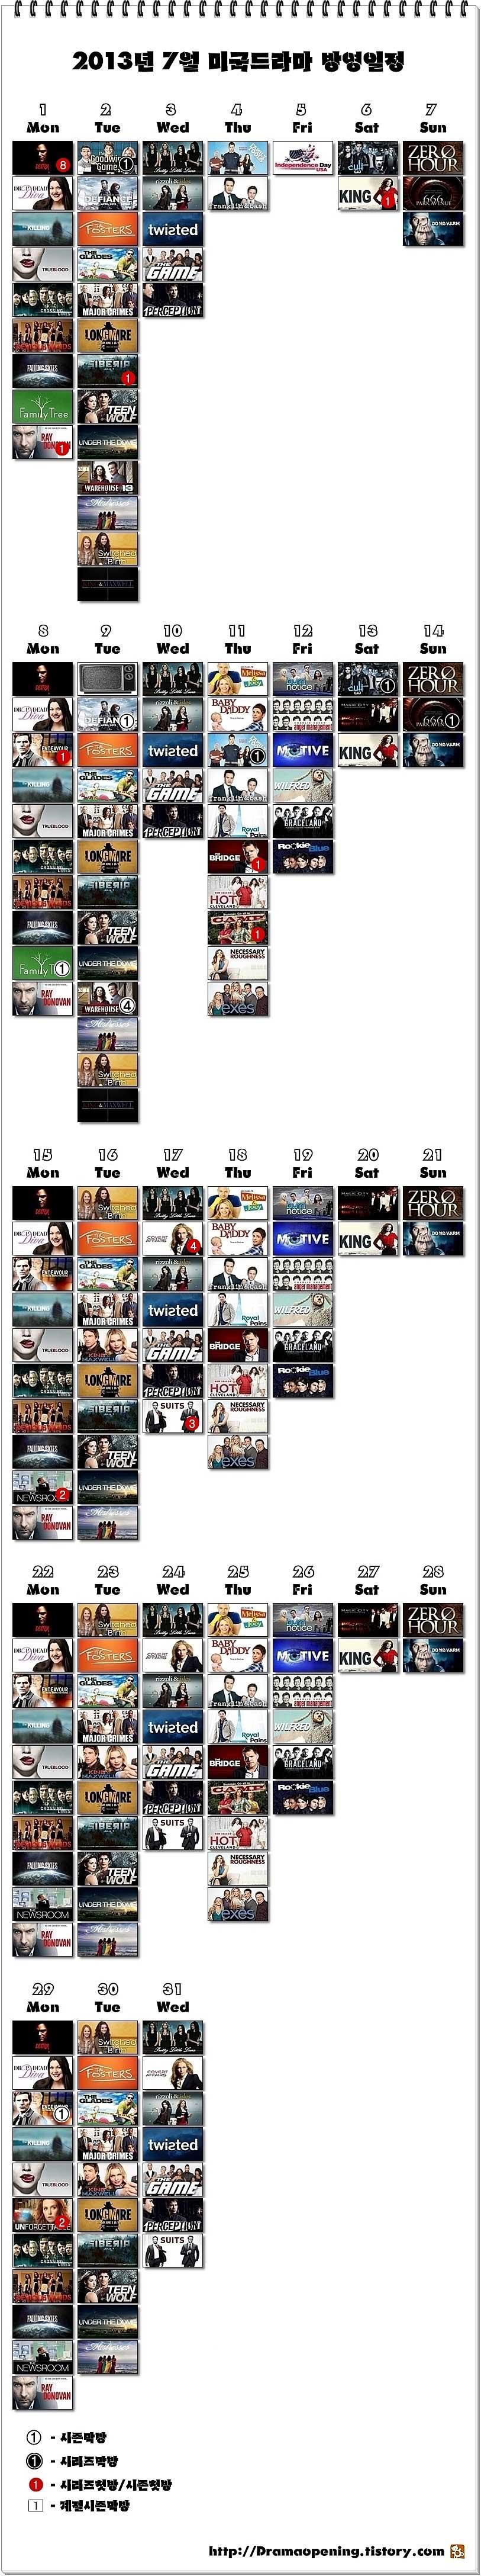 2013년7월-미국드라마-방영일정.jpg